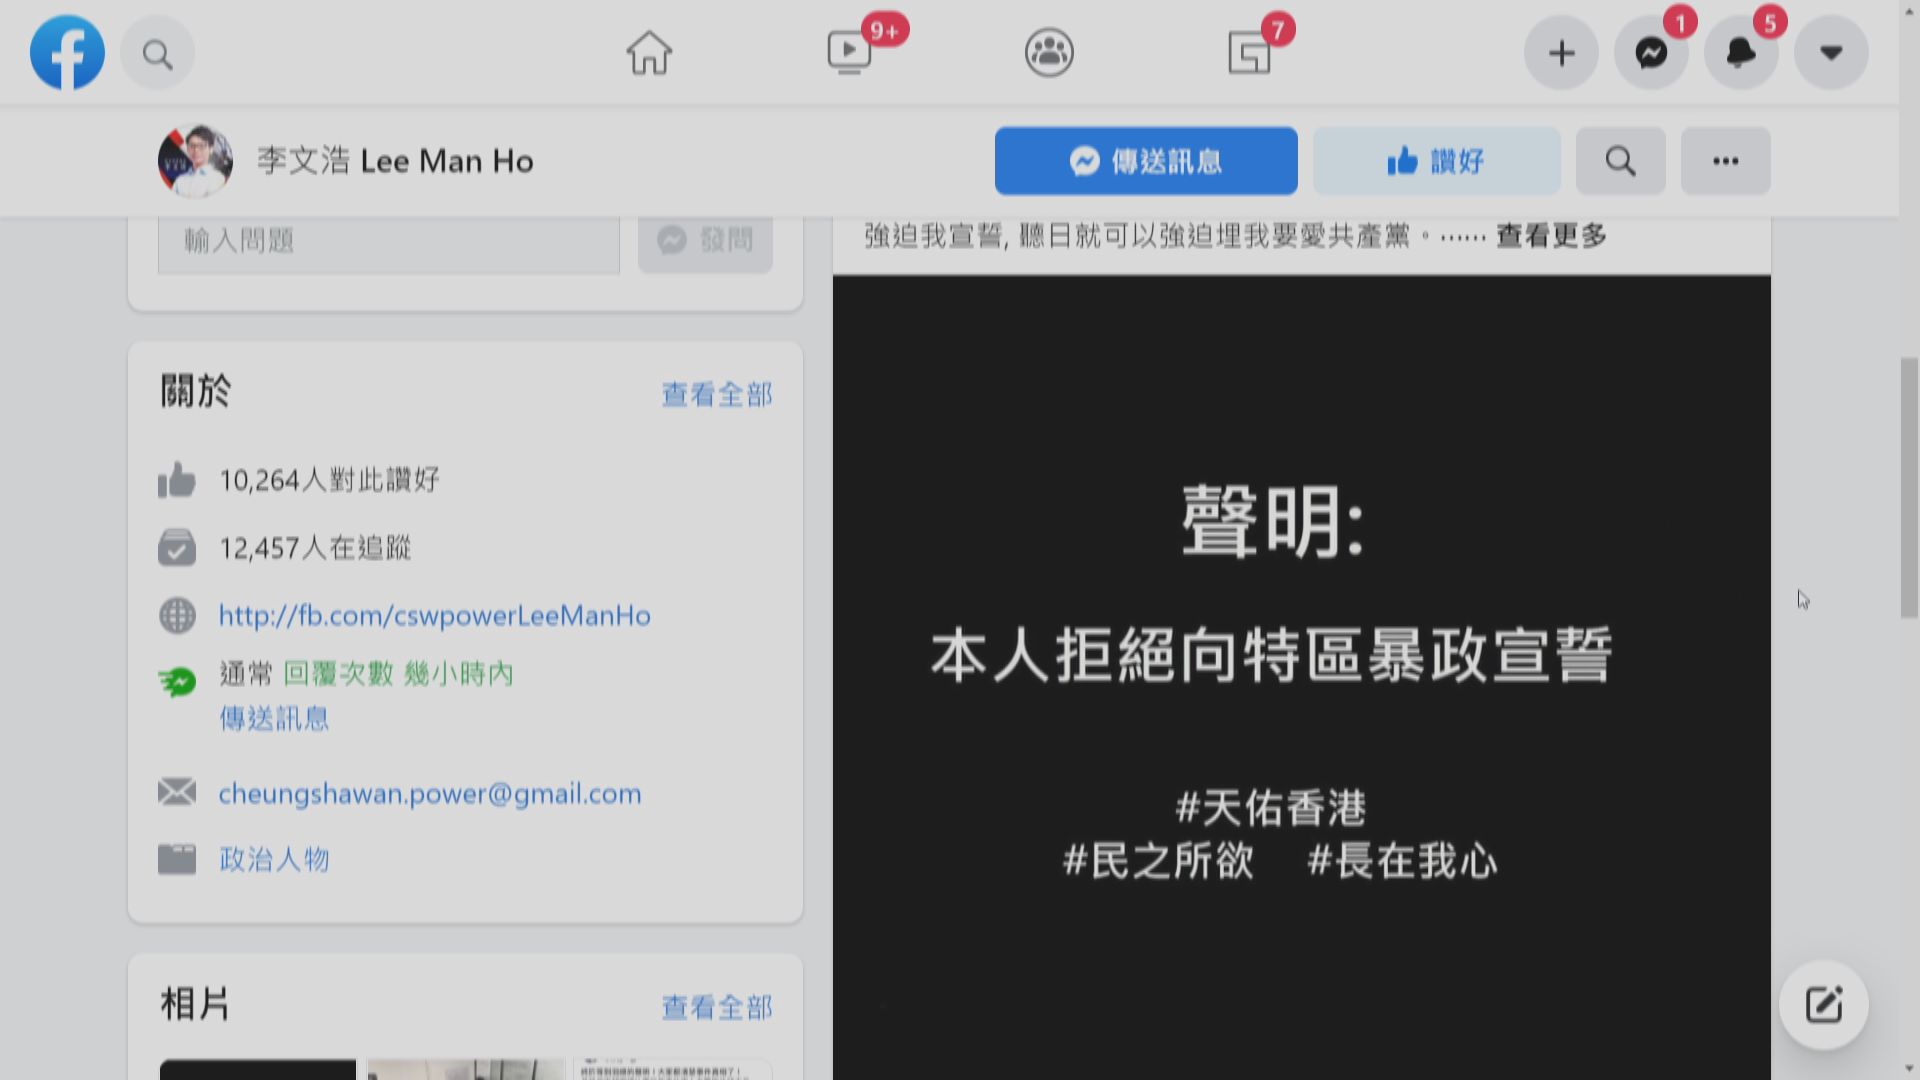 九龍區議員明宣誓 李文浩稱不會參加宣誓